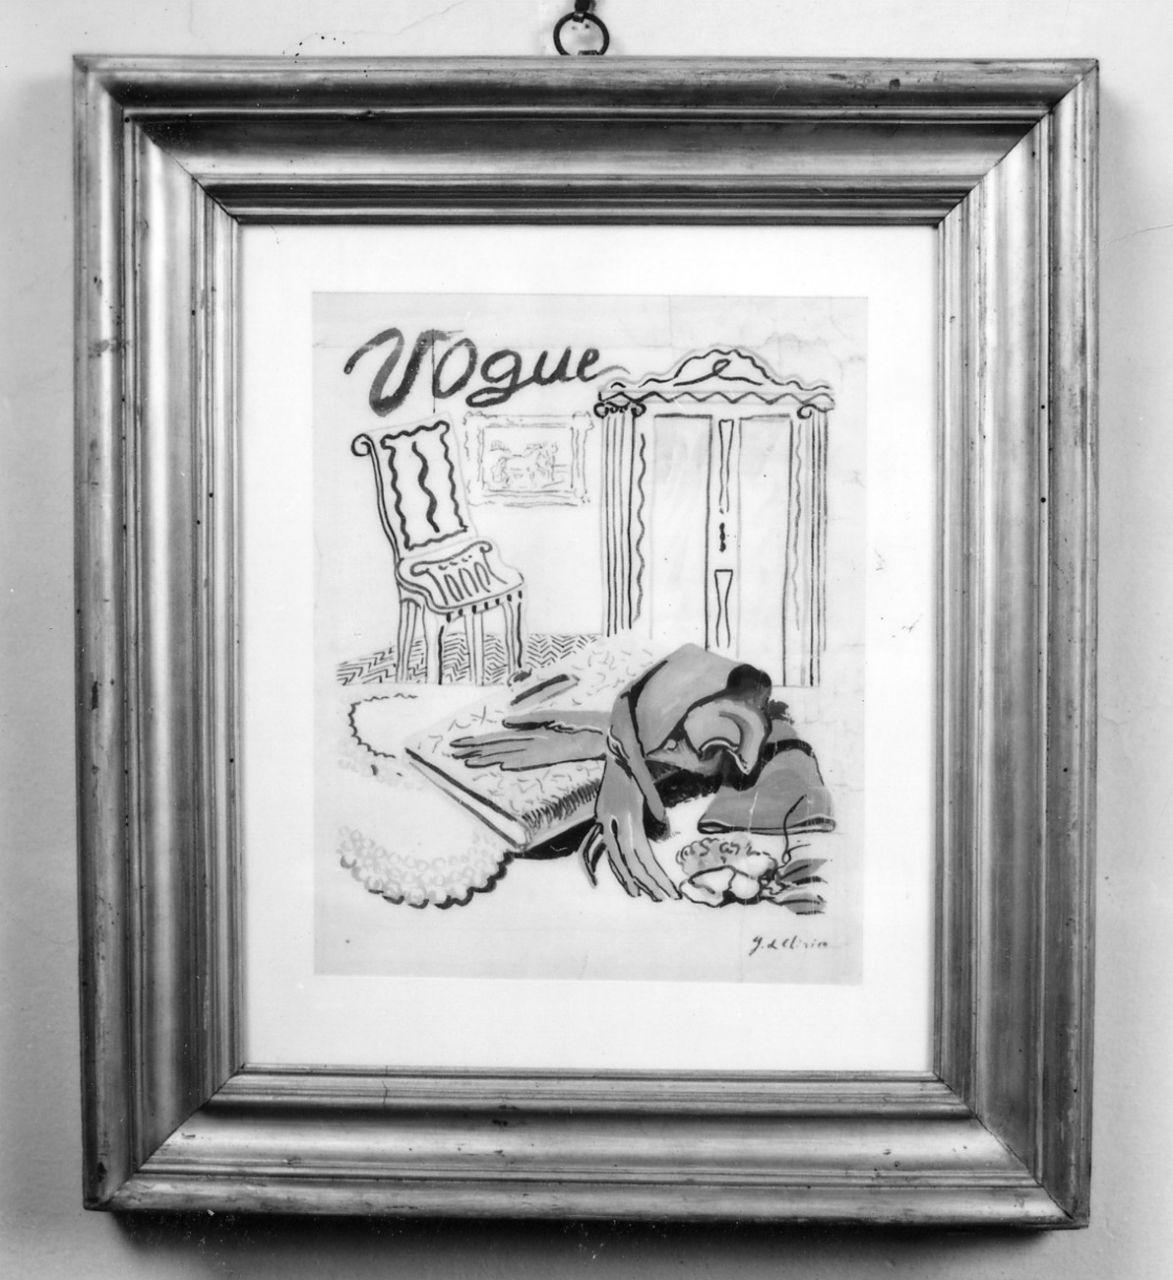 Vogue, interno di casa arredata (disegno) di De Chirico Giorgio (sec. XX)